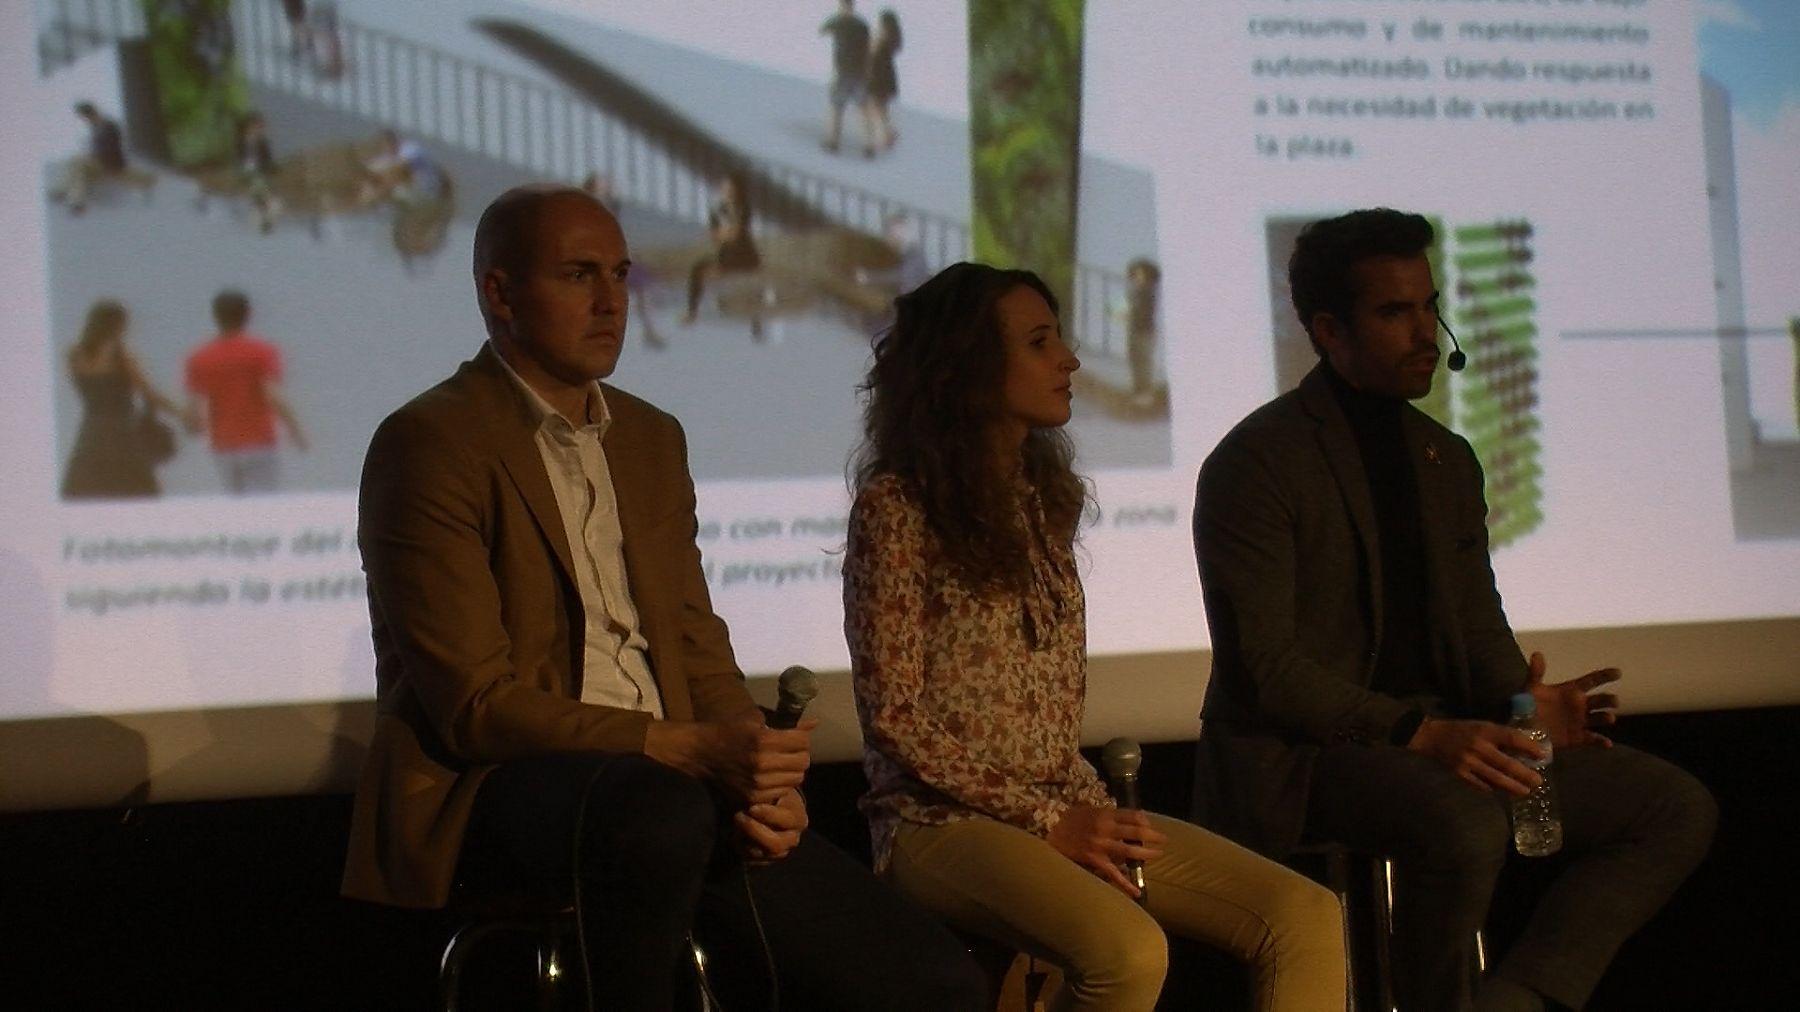 El alcalde José Mari Giménez y los impulsores Calra Campo y Aran en la presentación del Proyecto Ara el pasado noviembre. Foto: SobrarbeDigital